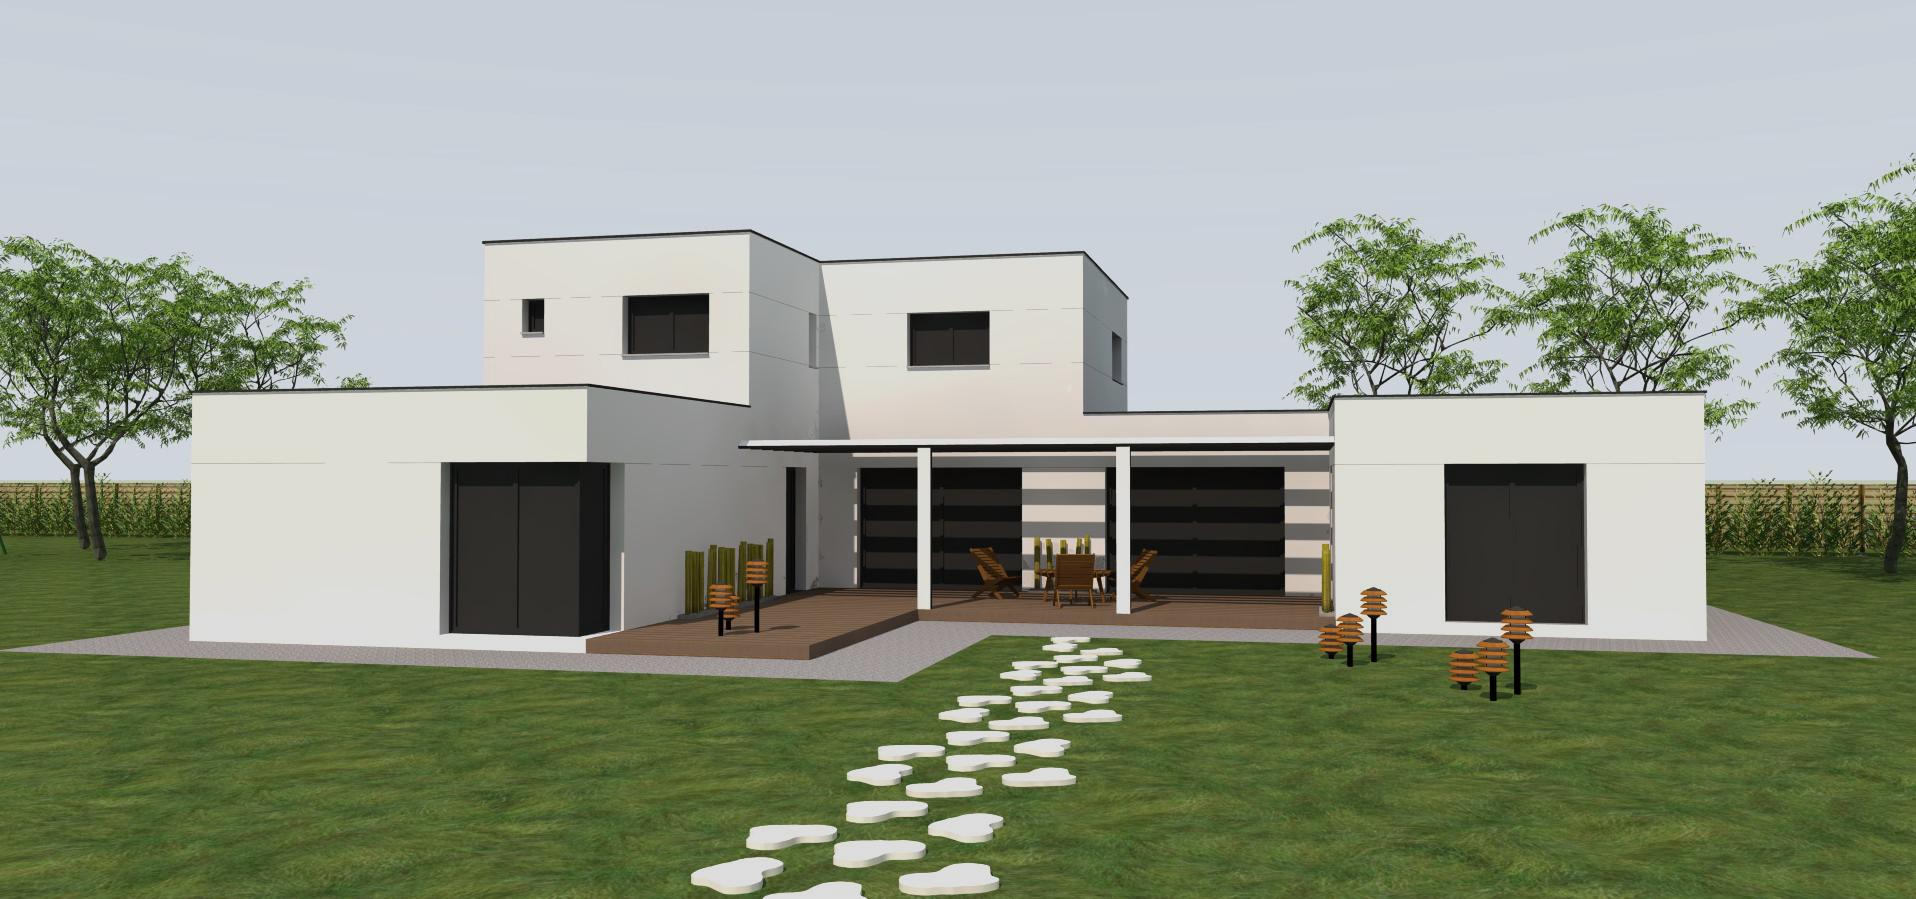 Maison en 3d dessin l 39 impression 3d - Dessin maison 3d gratuit ...